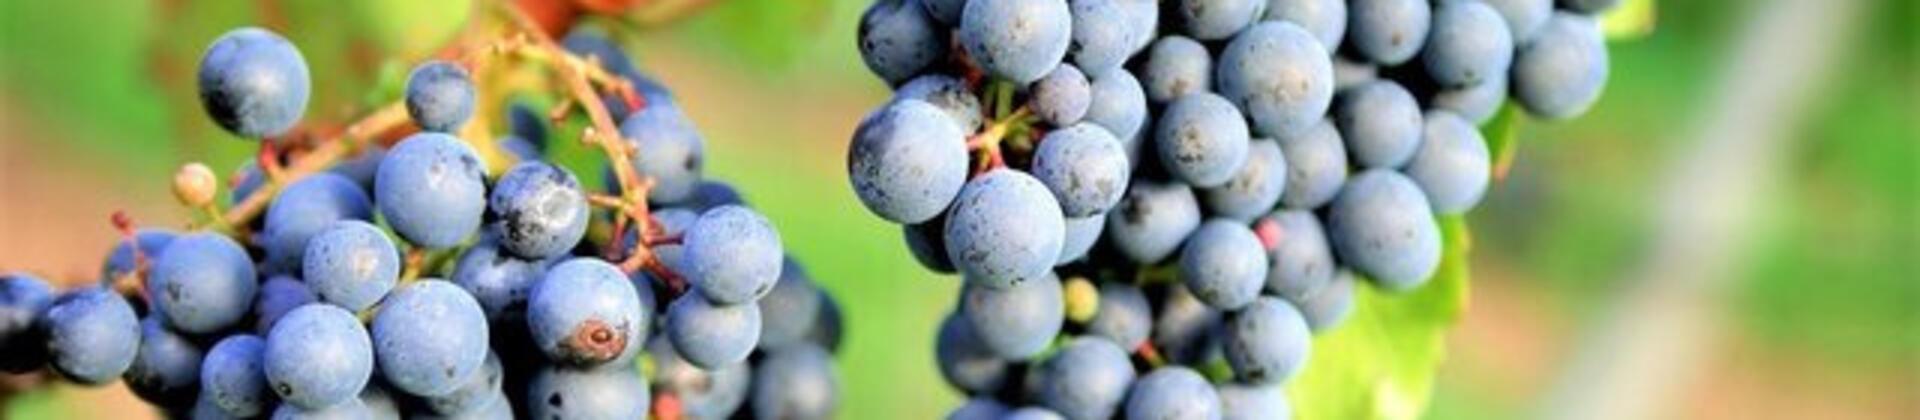 Degustazione di vini DOC DOCG IGT d'Abruzzo